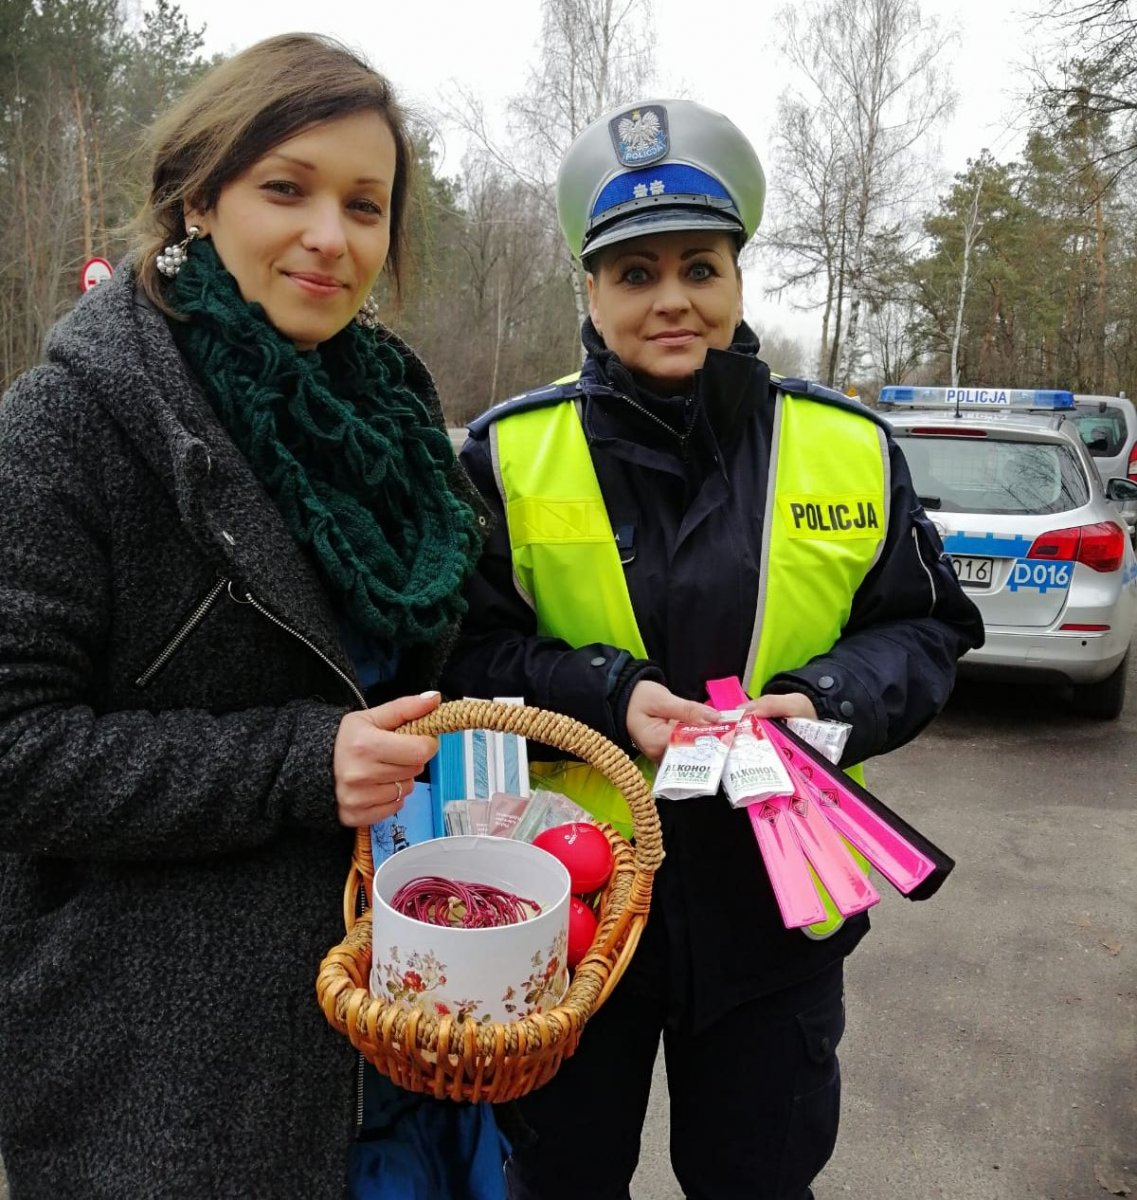 68 163081 g W akcji policjantom towarzyszą pracownicy Muzeum Zamoyskich w Kozłówce.